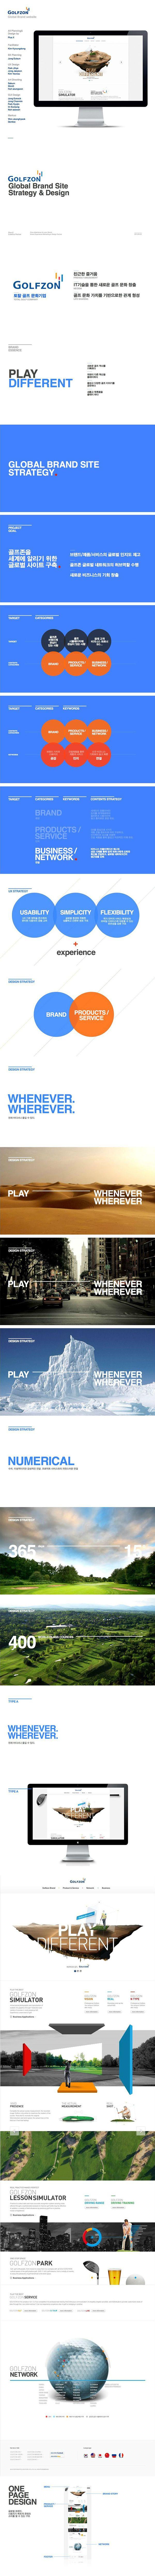 GolfZone Global Website Design on Web Design Served